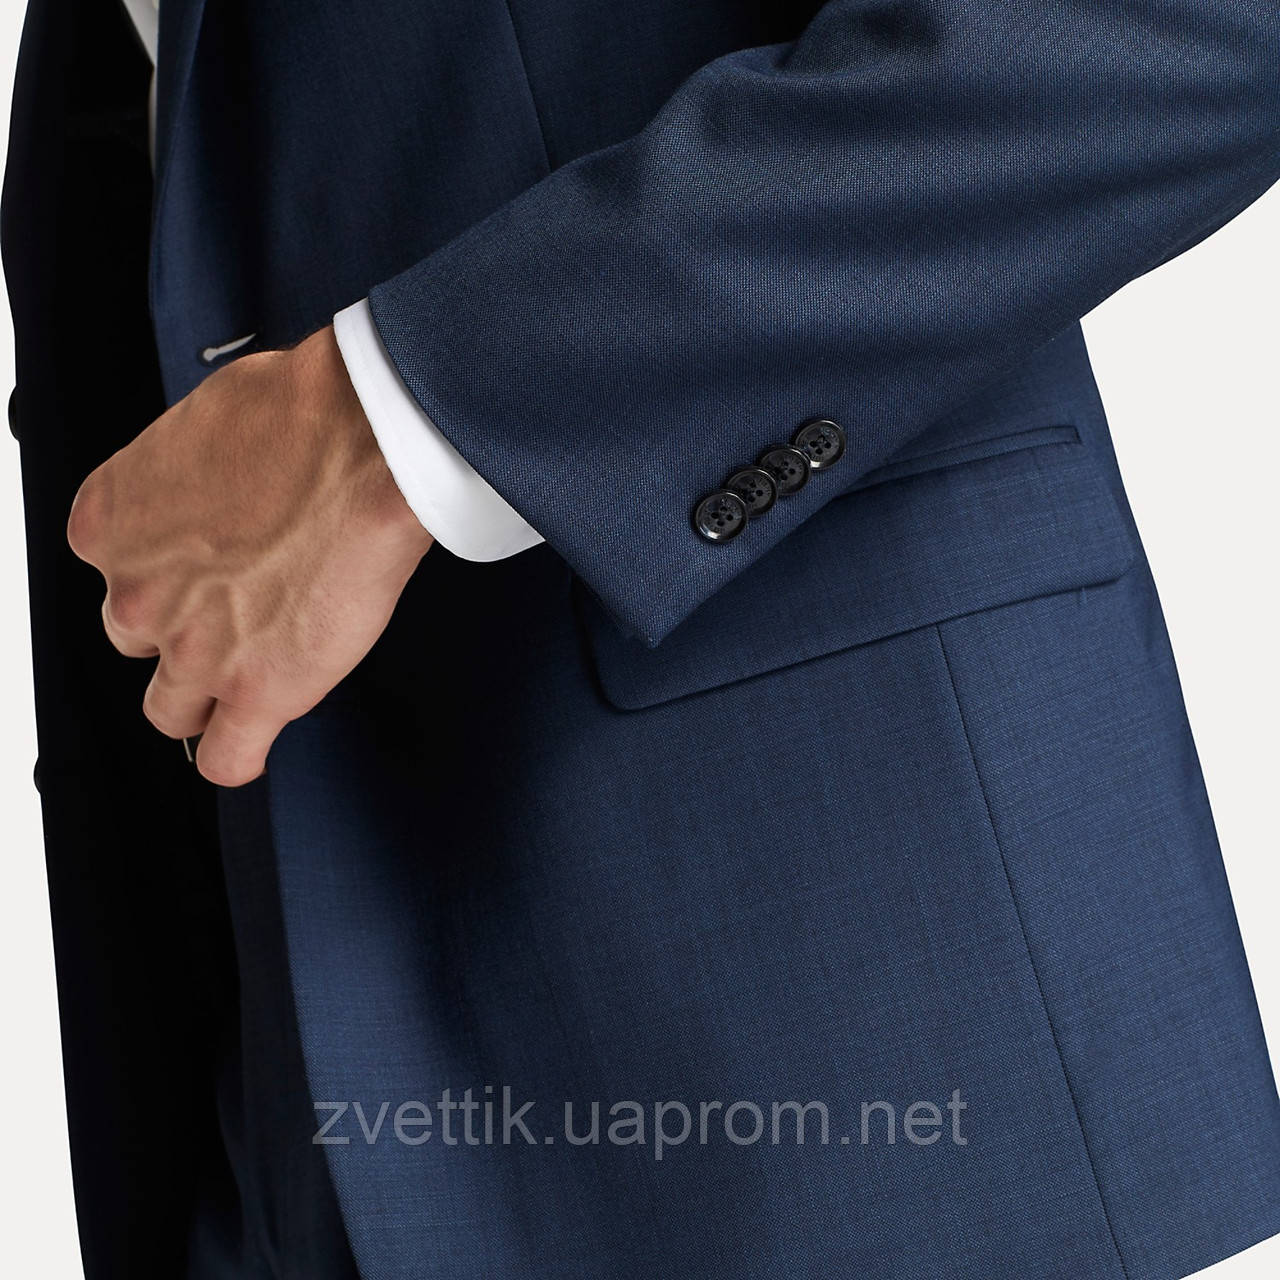 Шикарный классический синий мужской костюм натуральная шерсть Tommy Hilfiger Оригинал (Размер 46)